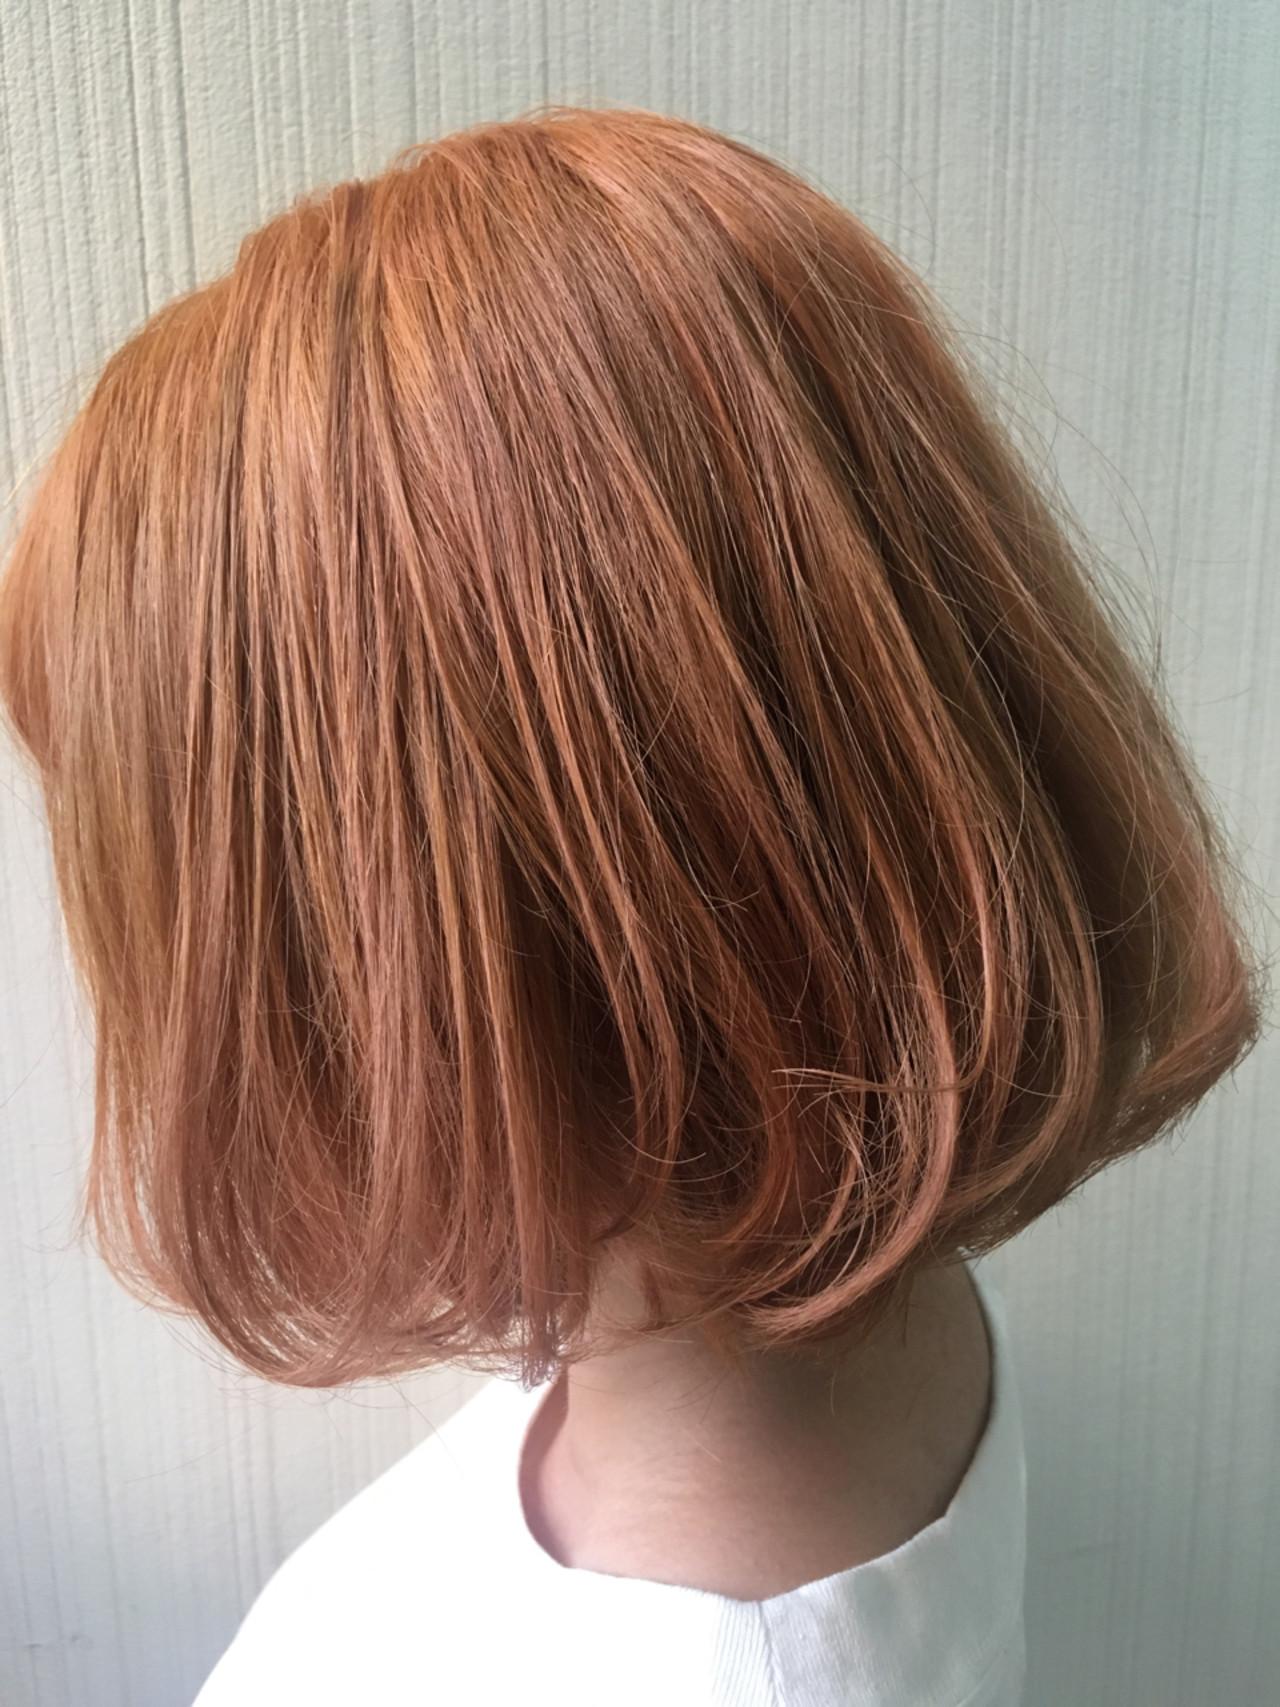 ナチュラル ピンク オレンジベージュ ミディアム ヘアスタイルや髪型の写真・画像 | 土屋一貴 / TOMCAT